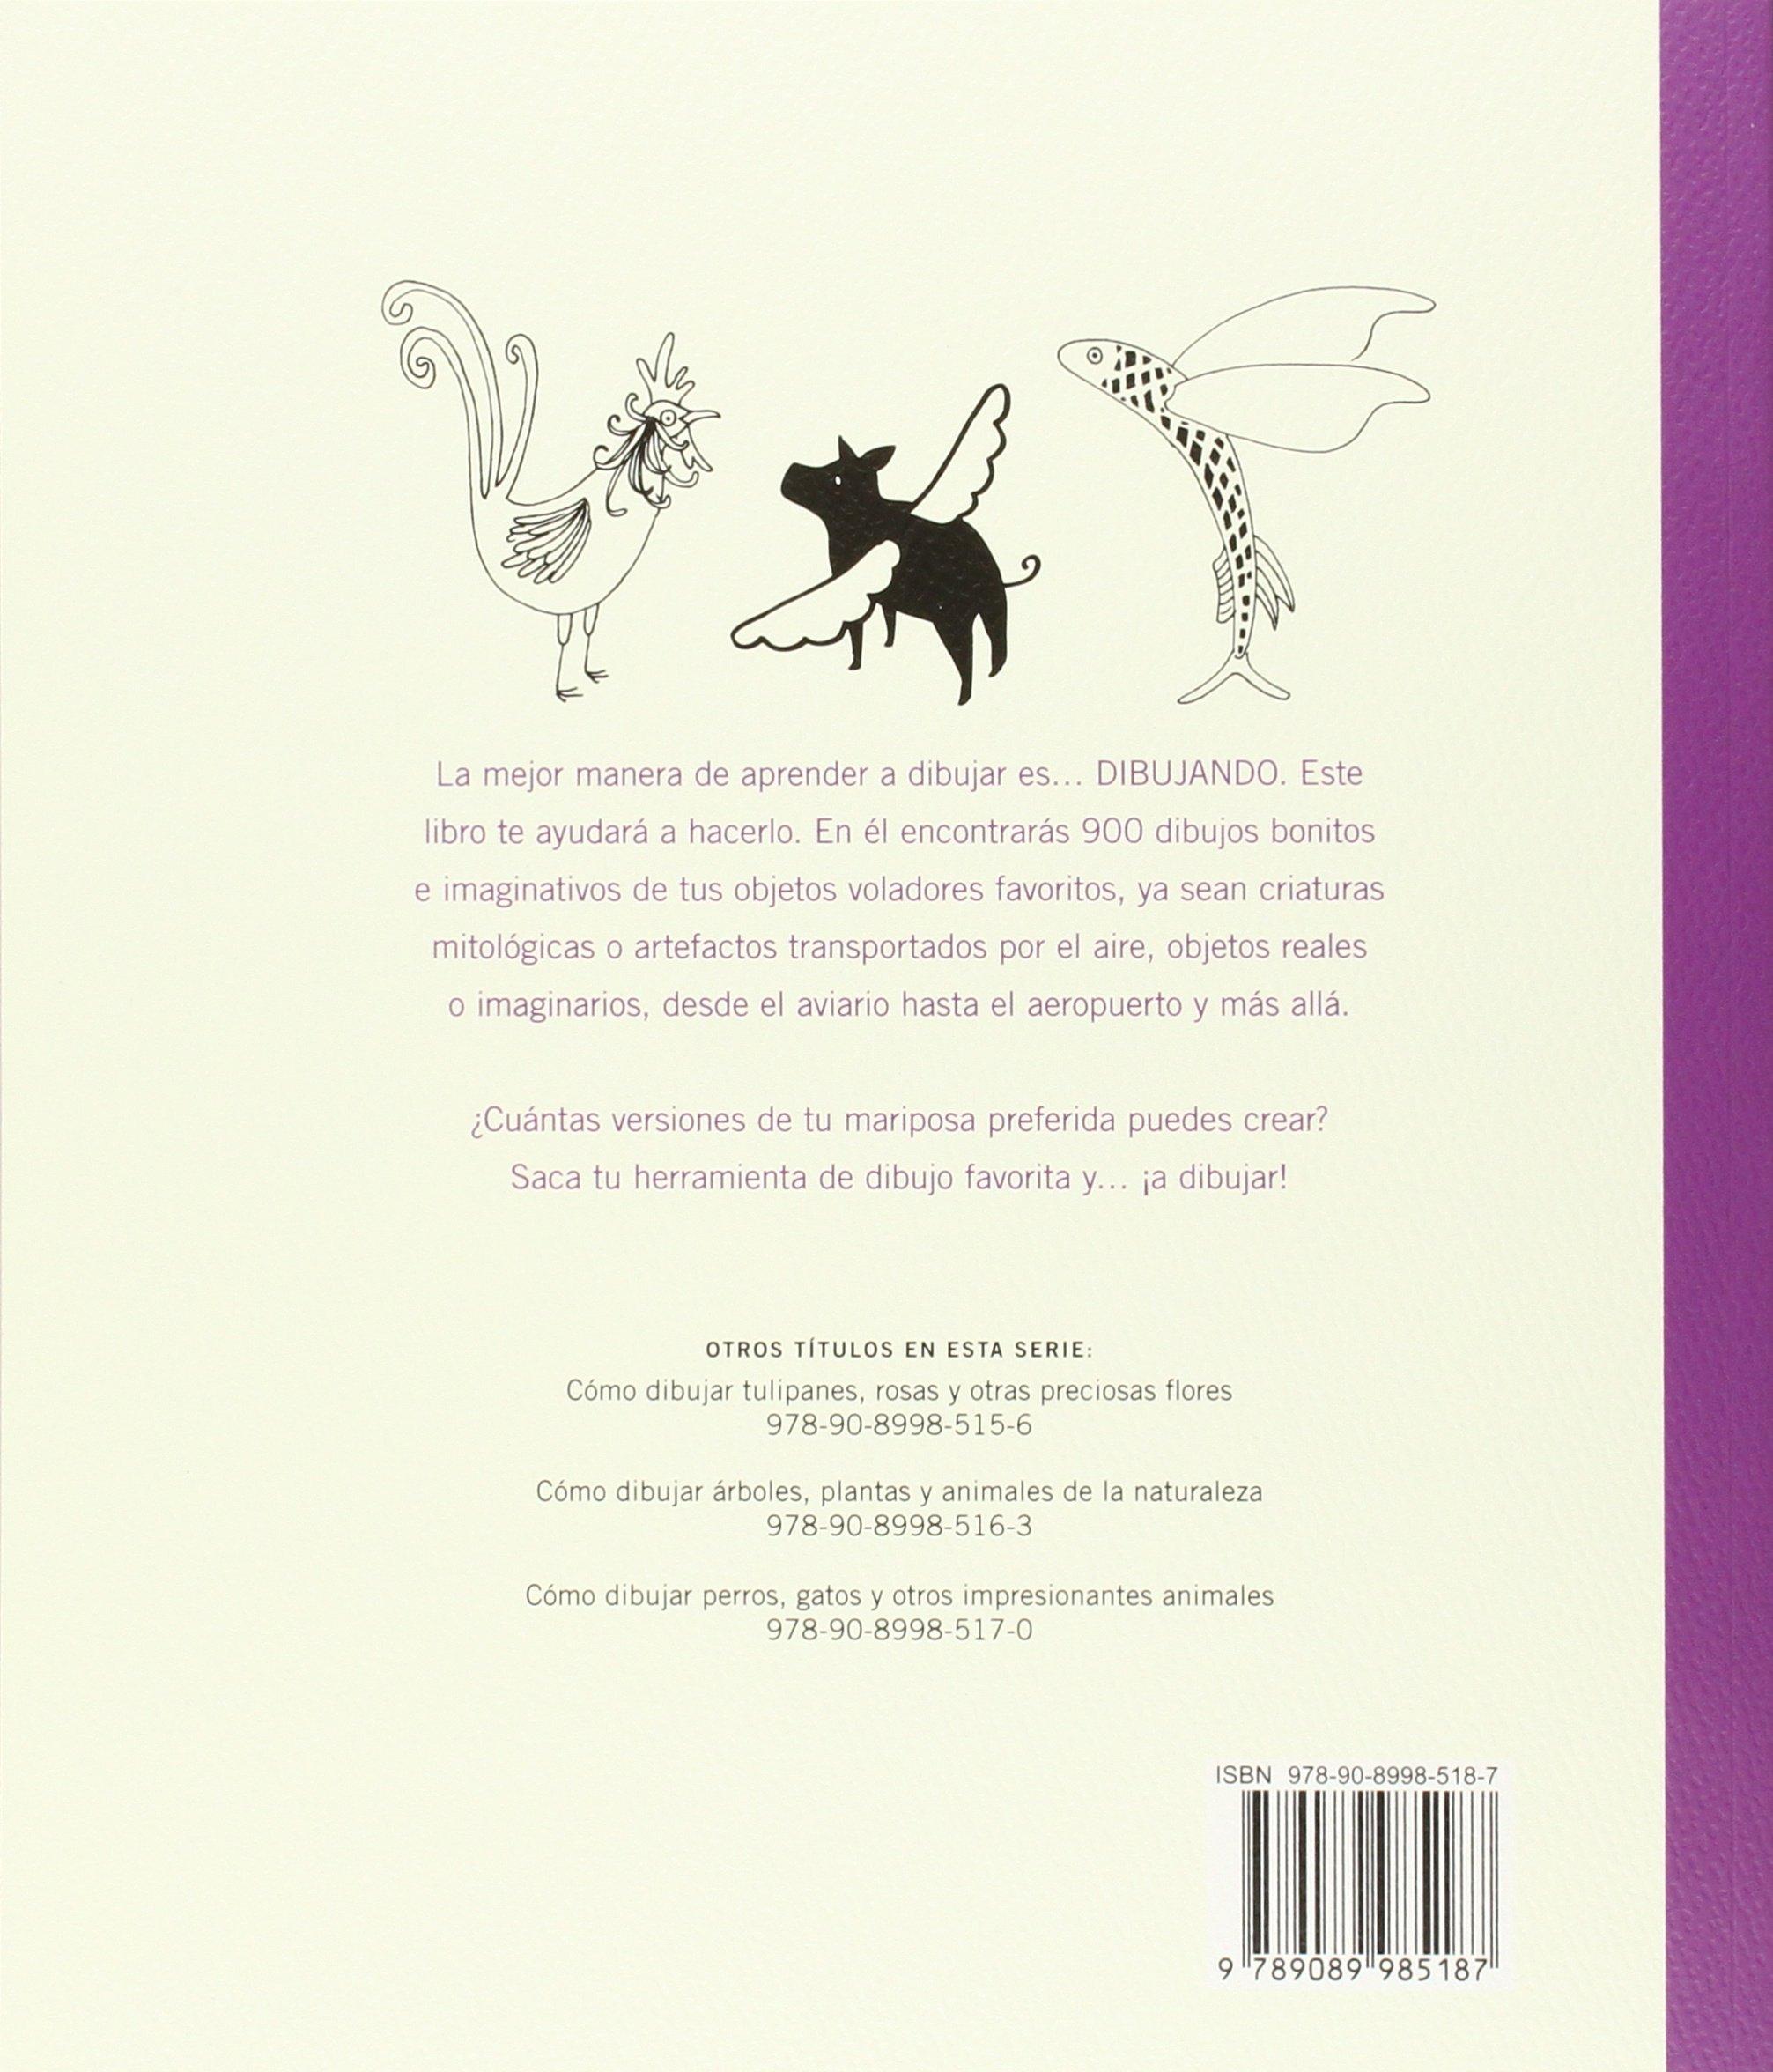 Cómo dibujar, mariposas, aves y otros objetpos: Varios: 9789089985187: Amazon.com: Books